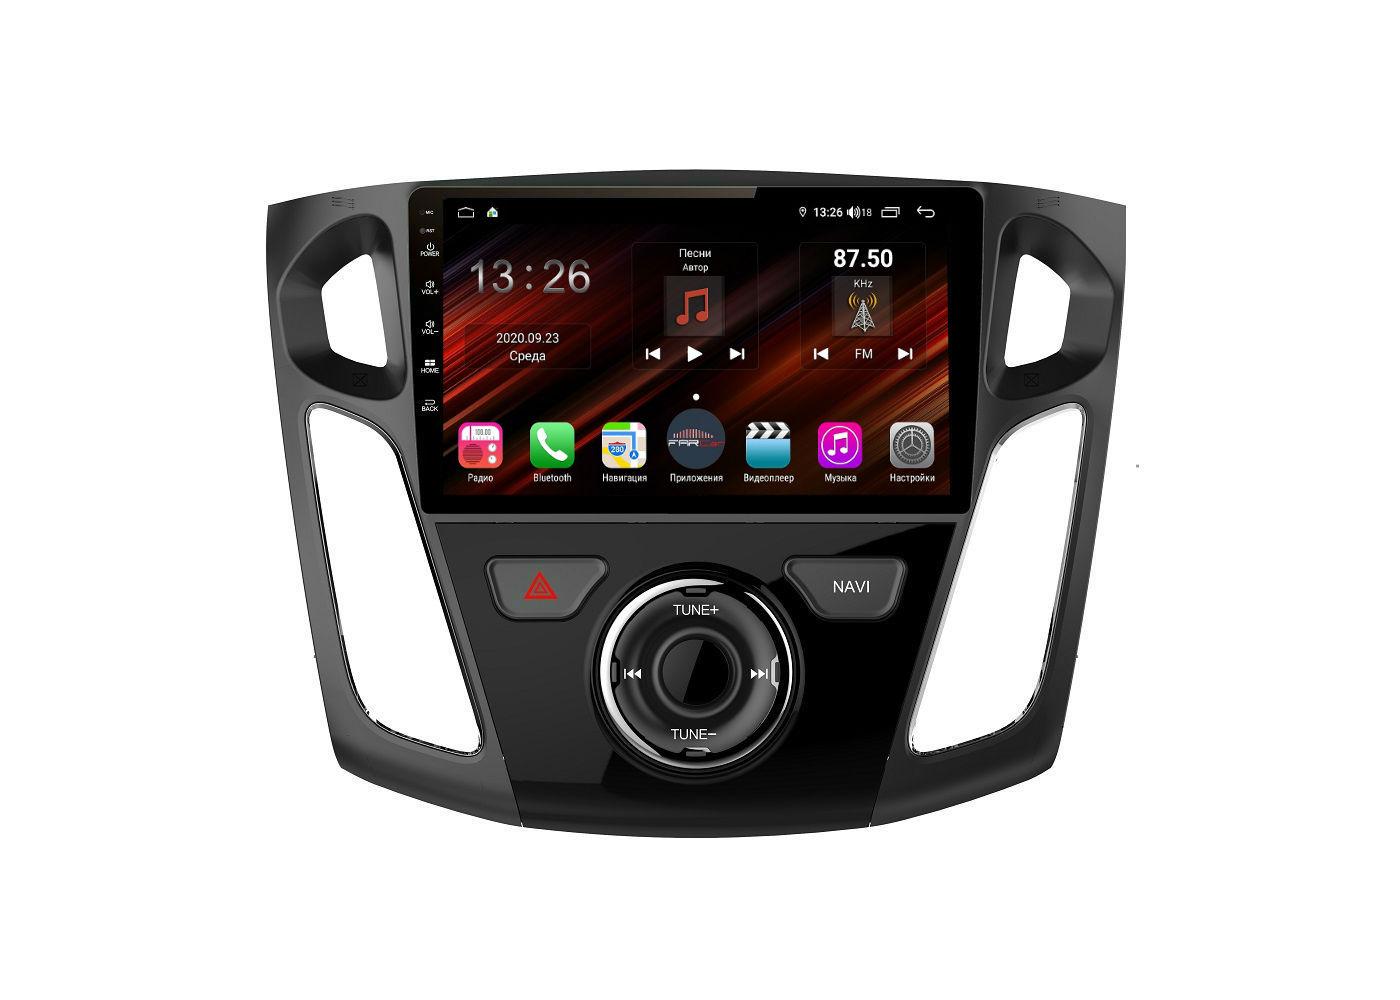 Штатная магнитола FarCar s400 Super HD для Ford Focus 3 на Android (XH150/501R) (+ Камера заднего вида в подарок!)